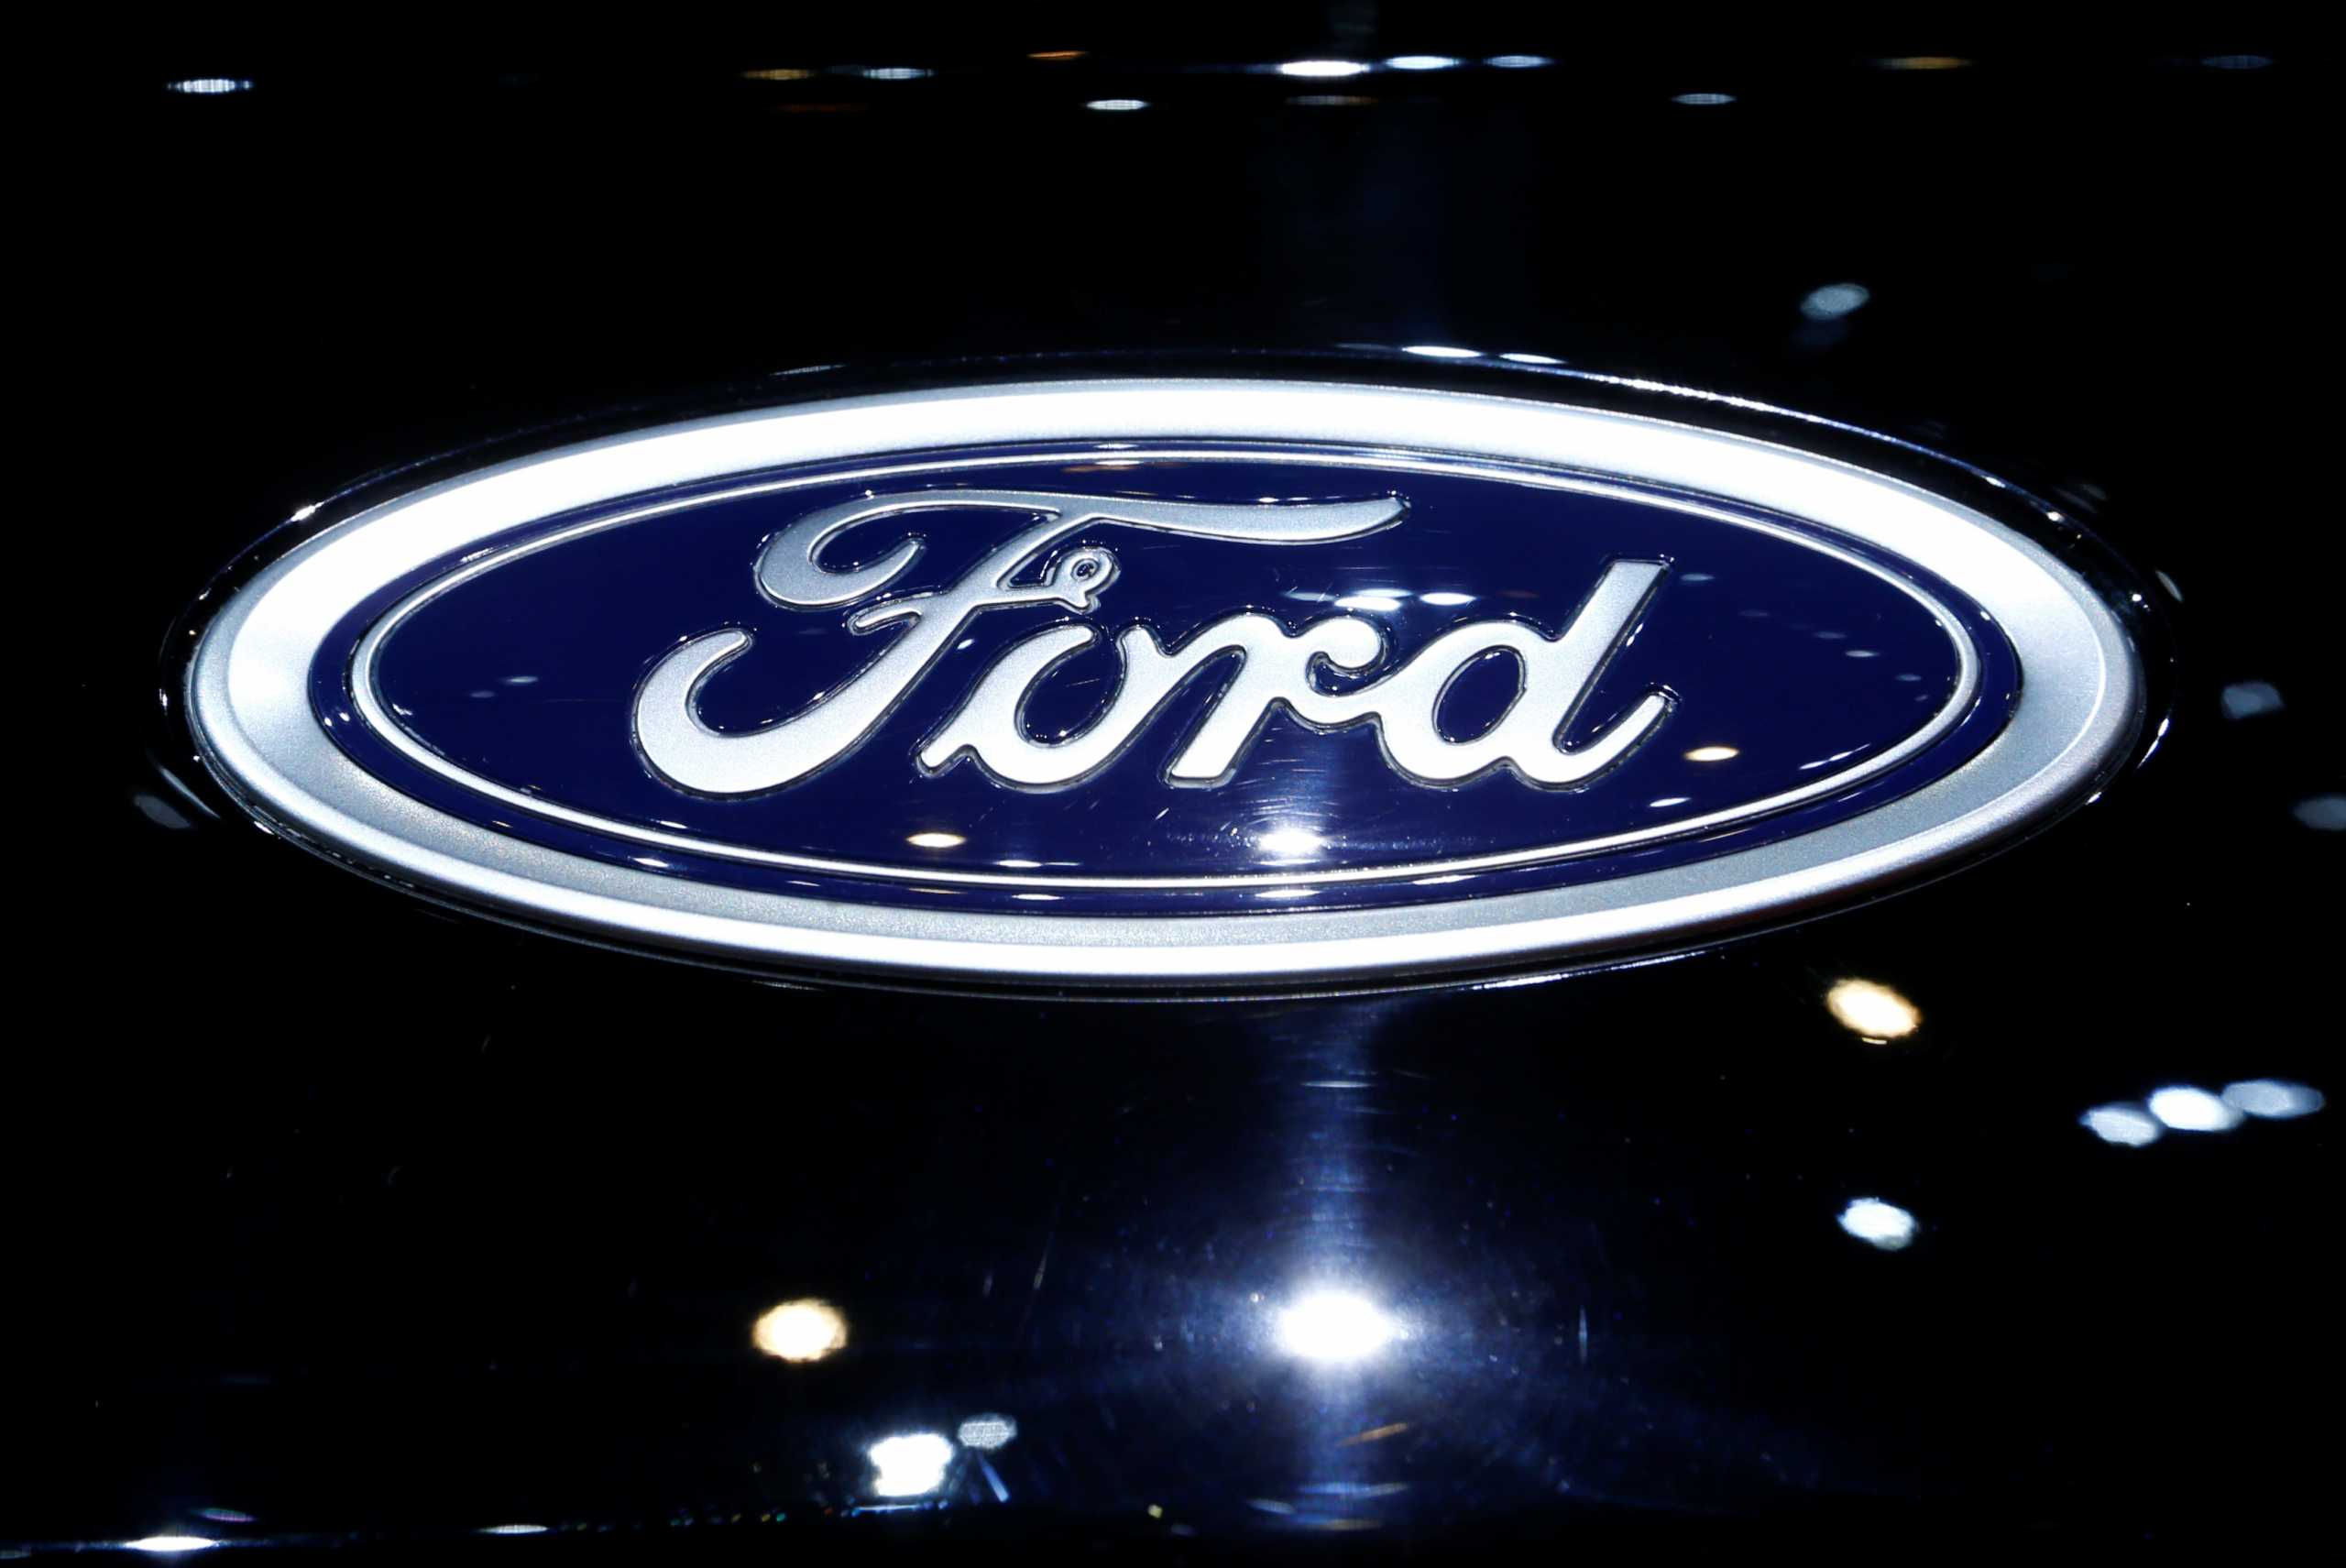 Ford: Θα συνεχίσουμε να κάνουμε δωρεές σε πολιτικούς και μέλη του Κογκρέσου